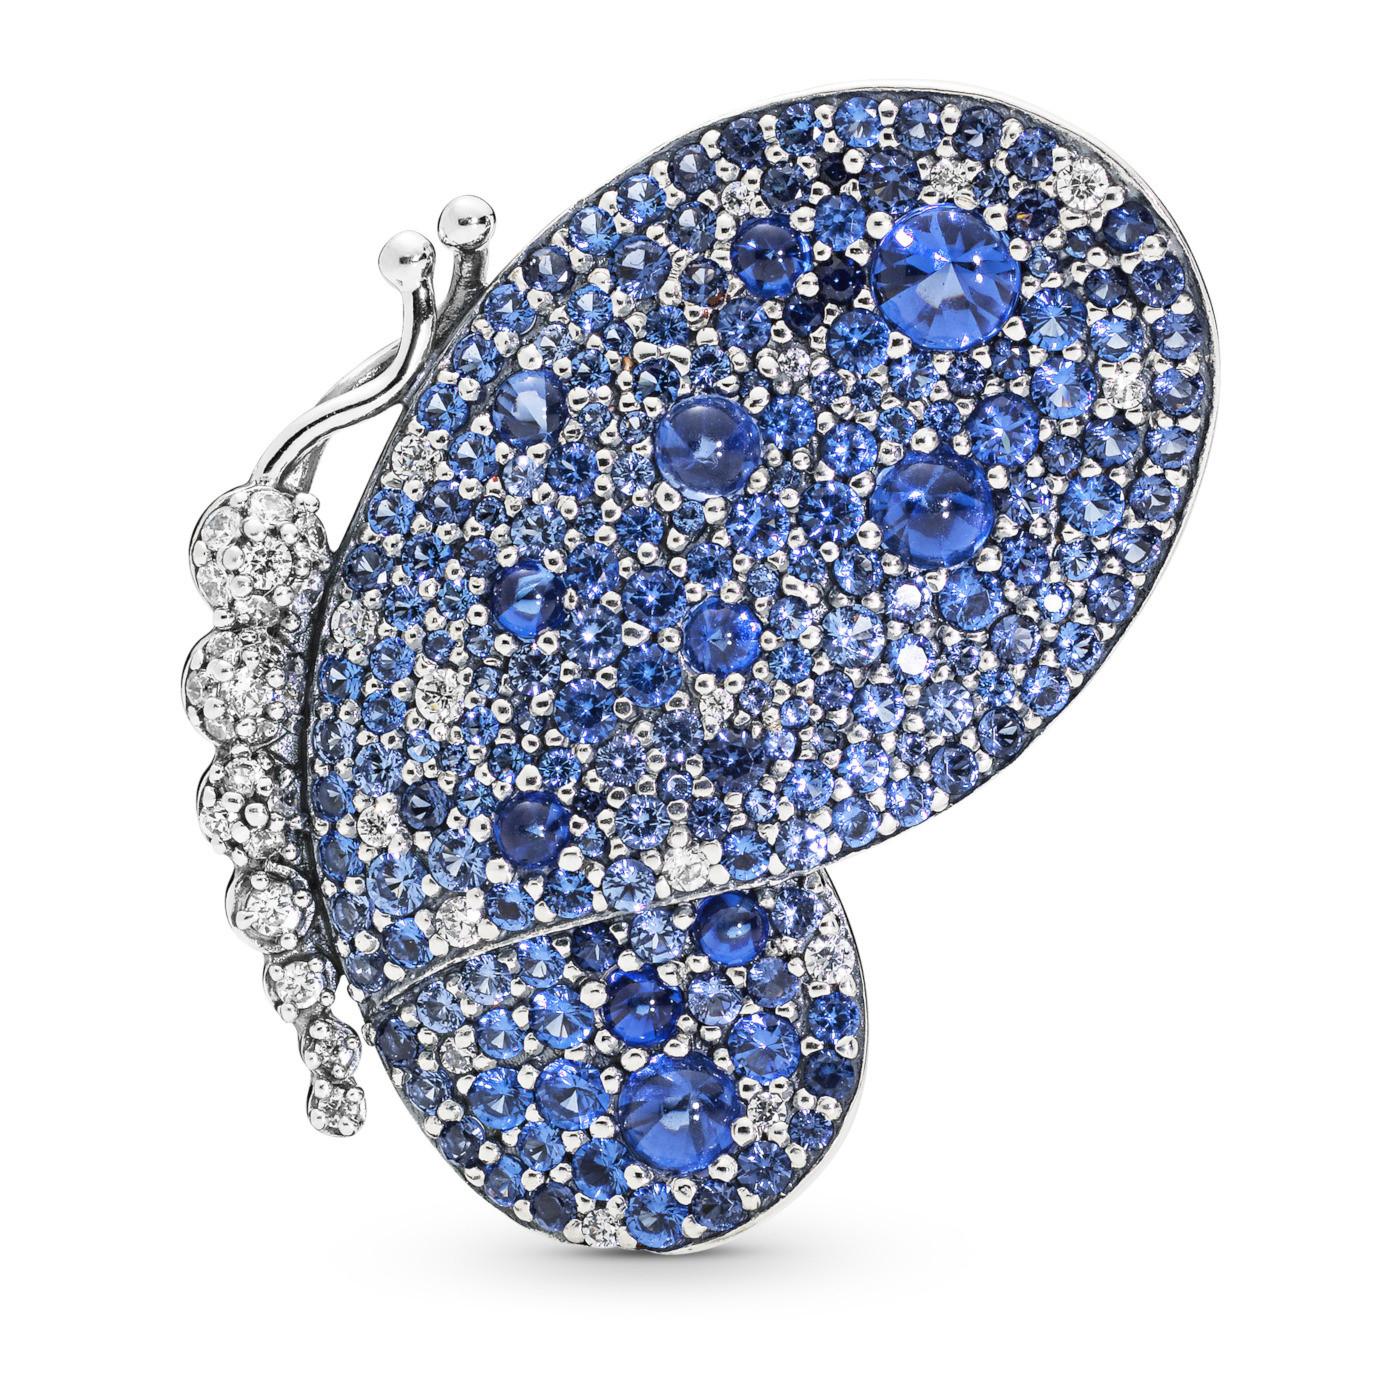 2891f77db Pandora Stories Charm 697996NCB - Jewelry